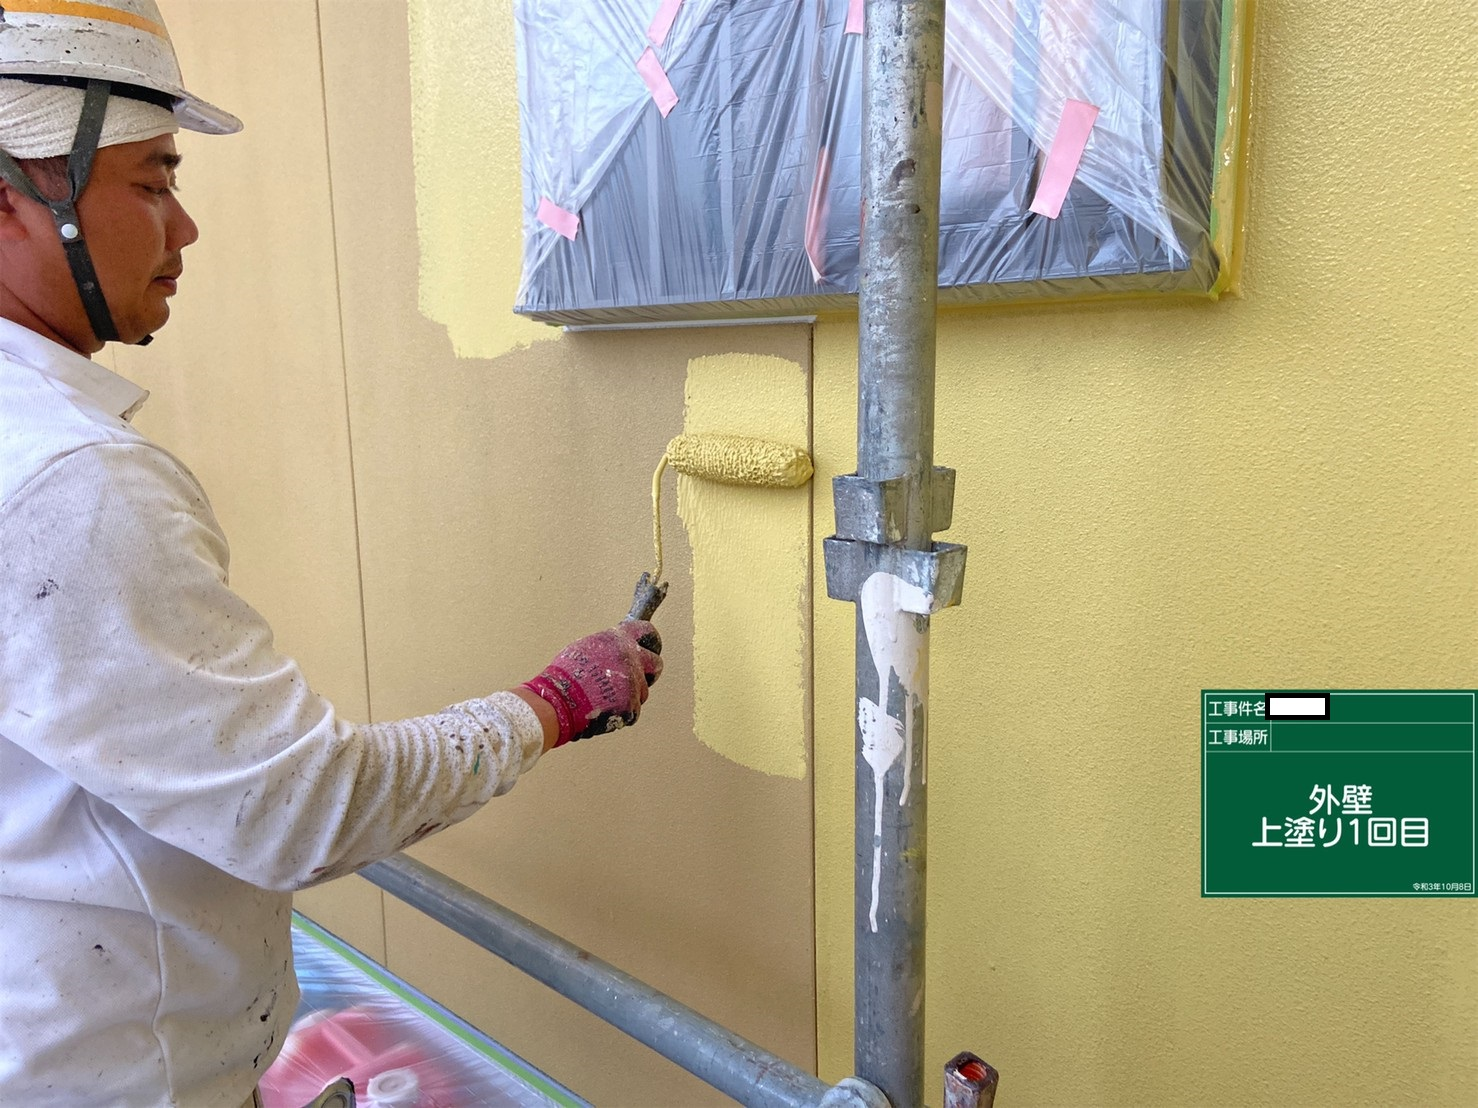 外壁塗装 上塗り1回目